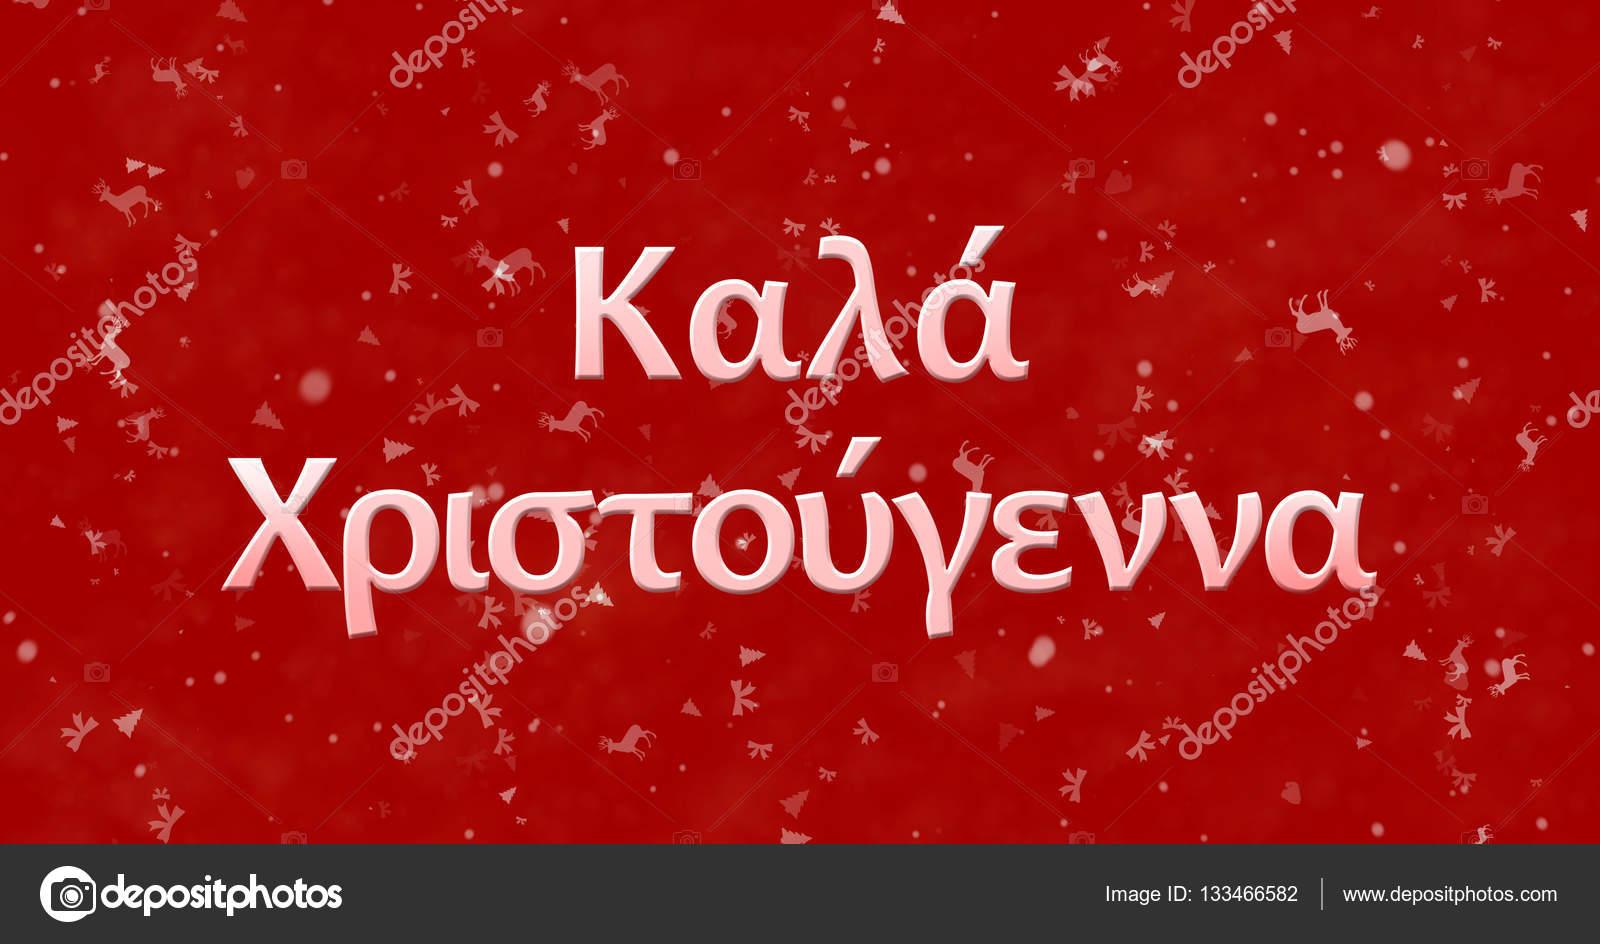 Frohe Weihnachten Text.Frohe Weihnachten Text In Griechisch Auf Rotem Grund